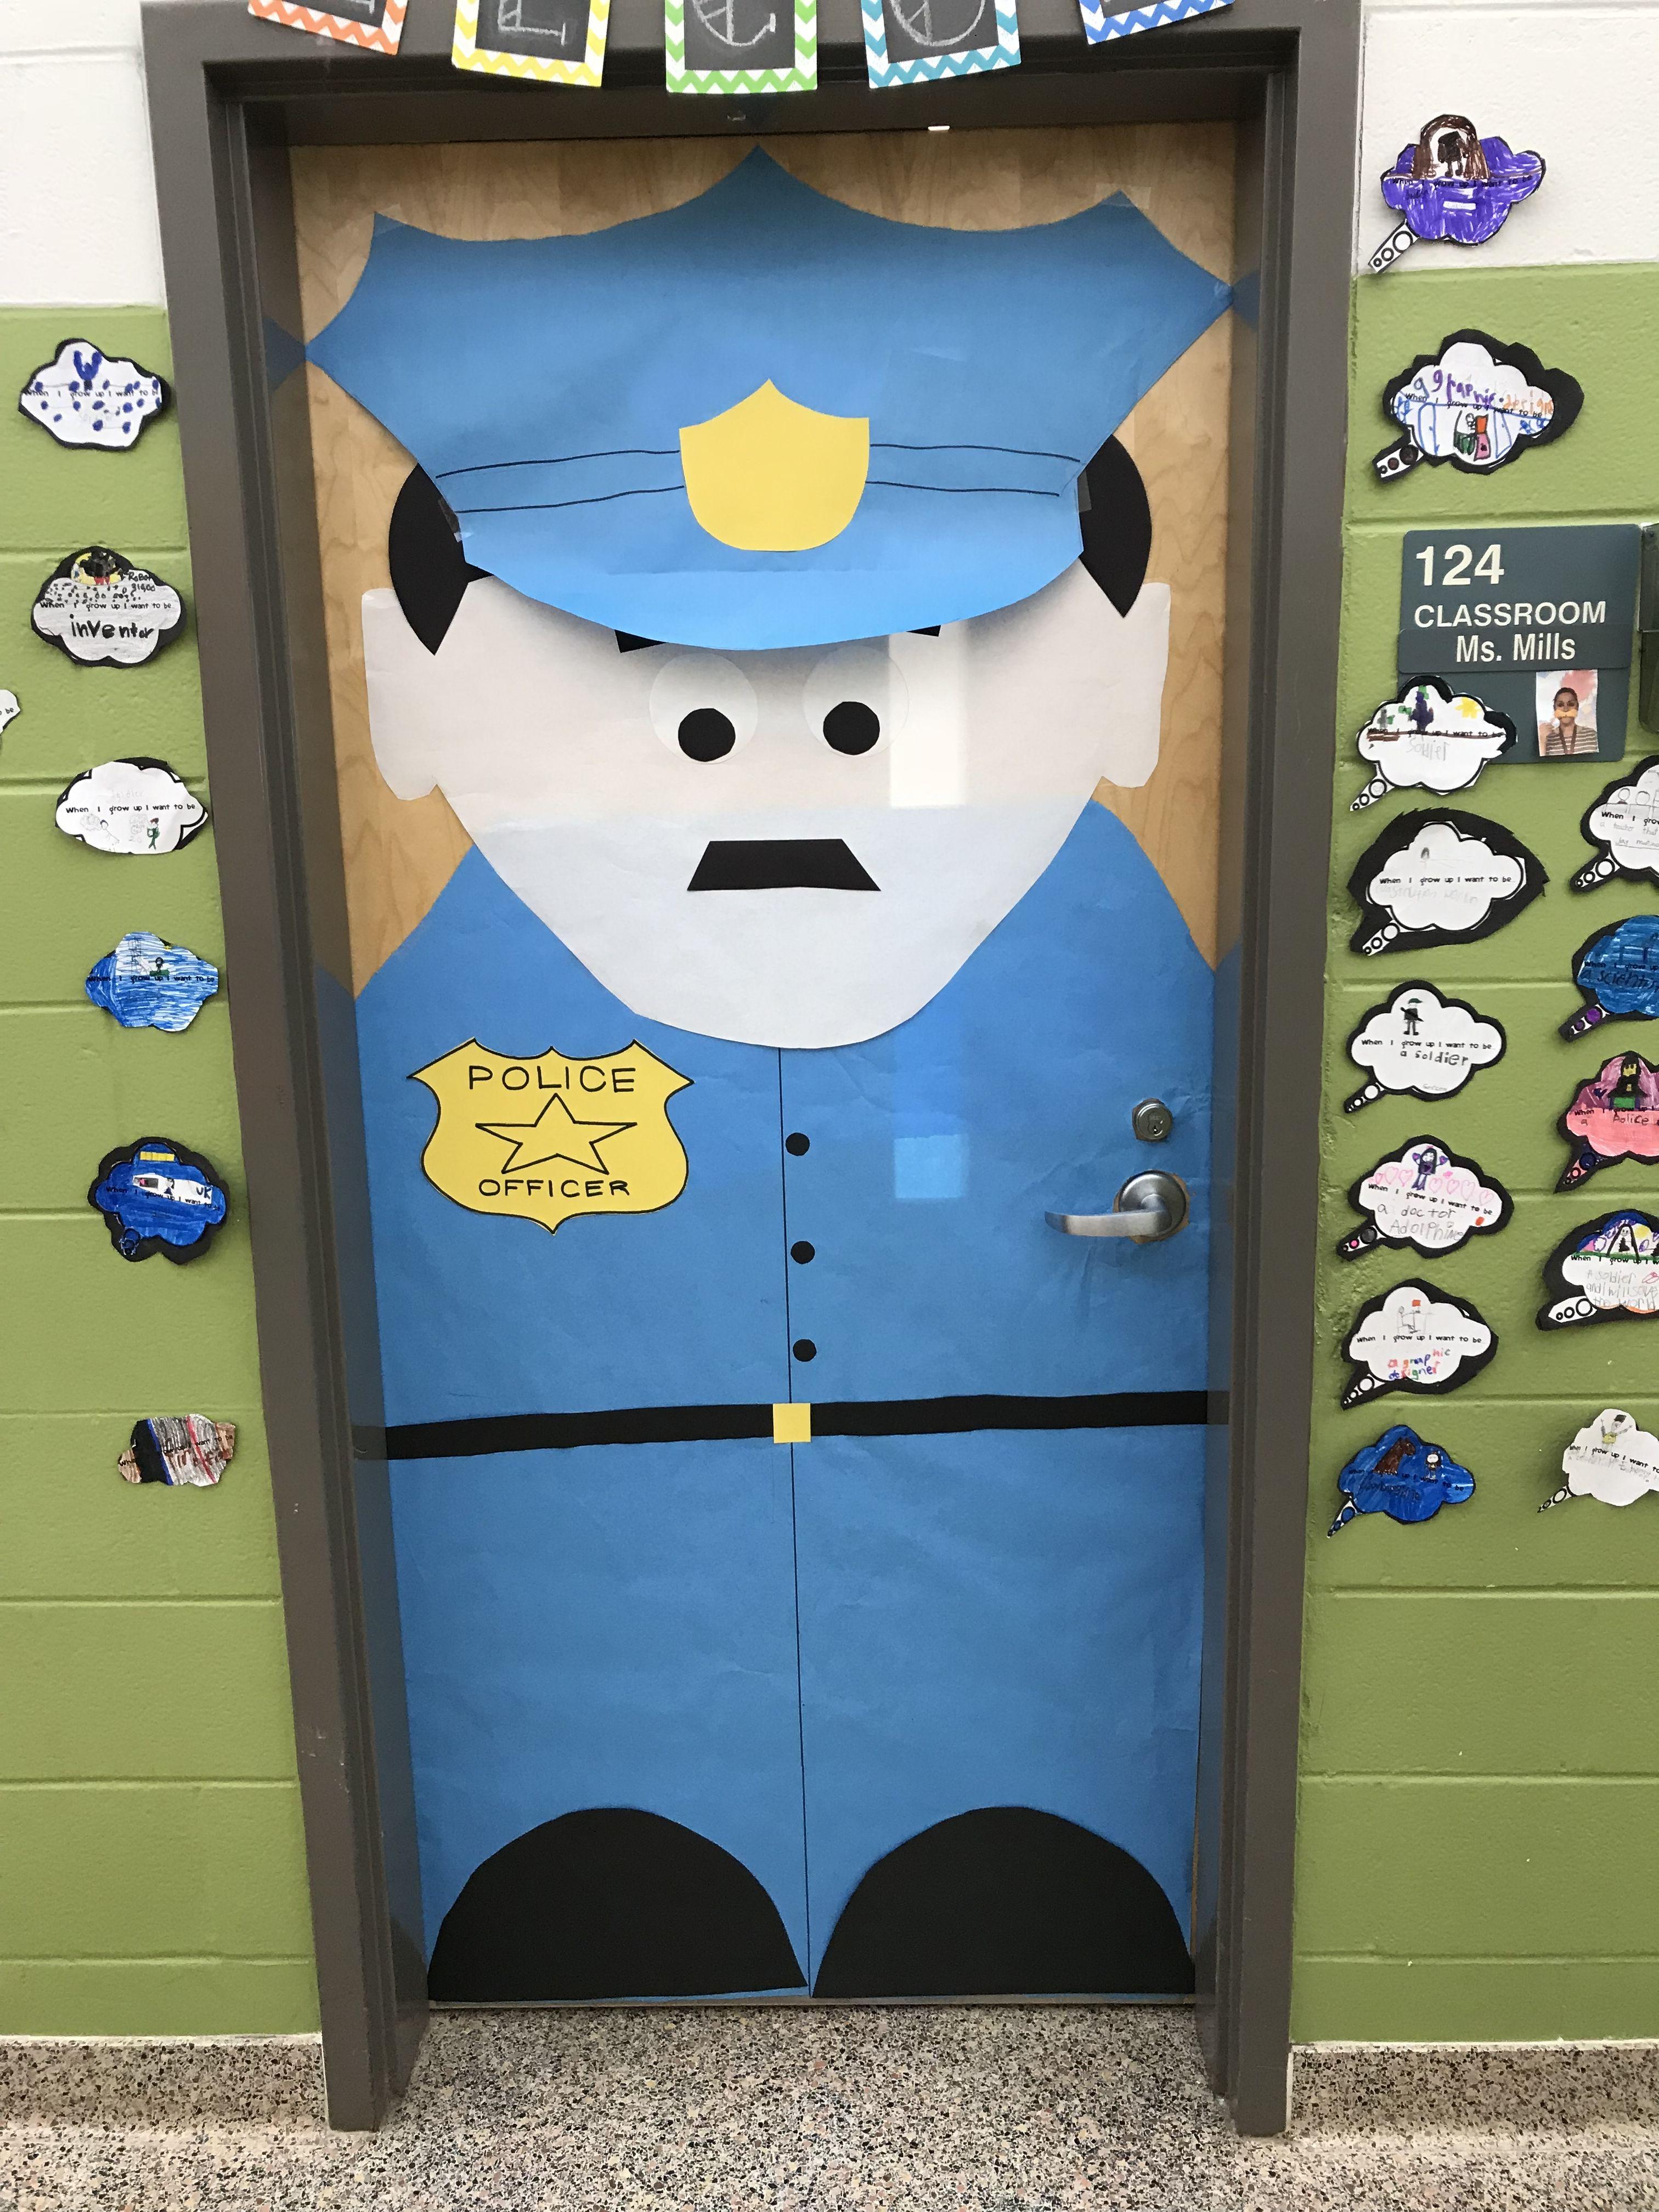 Police career door decorating contest